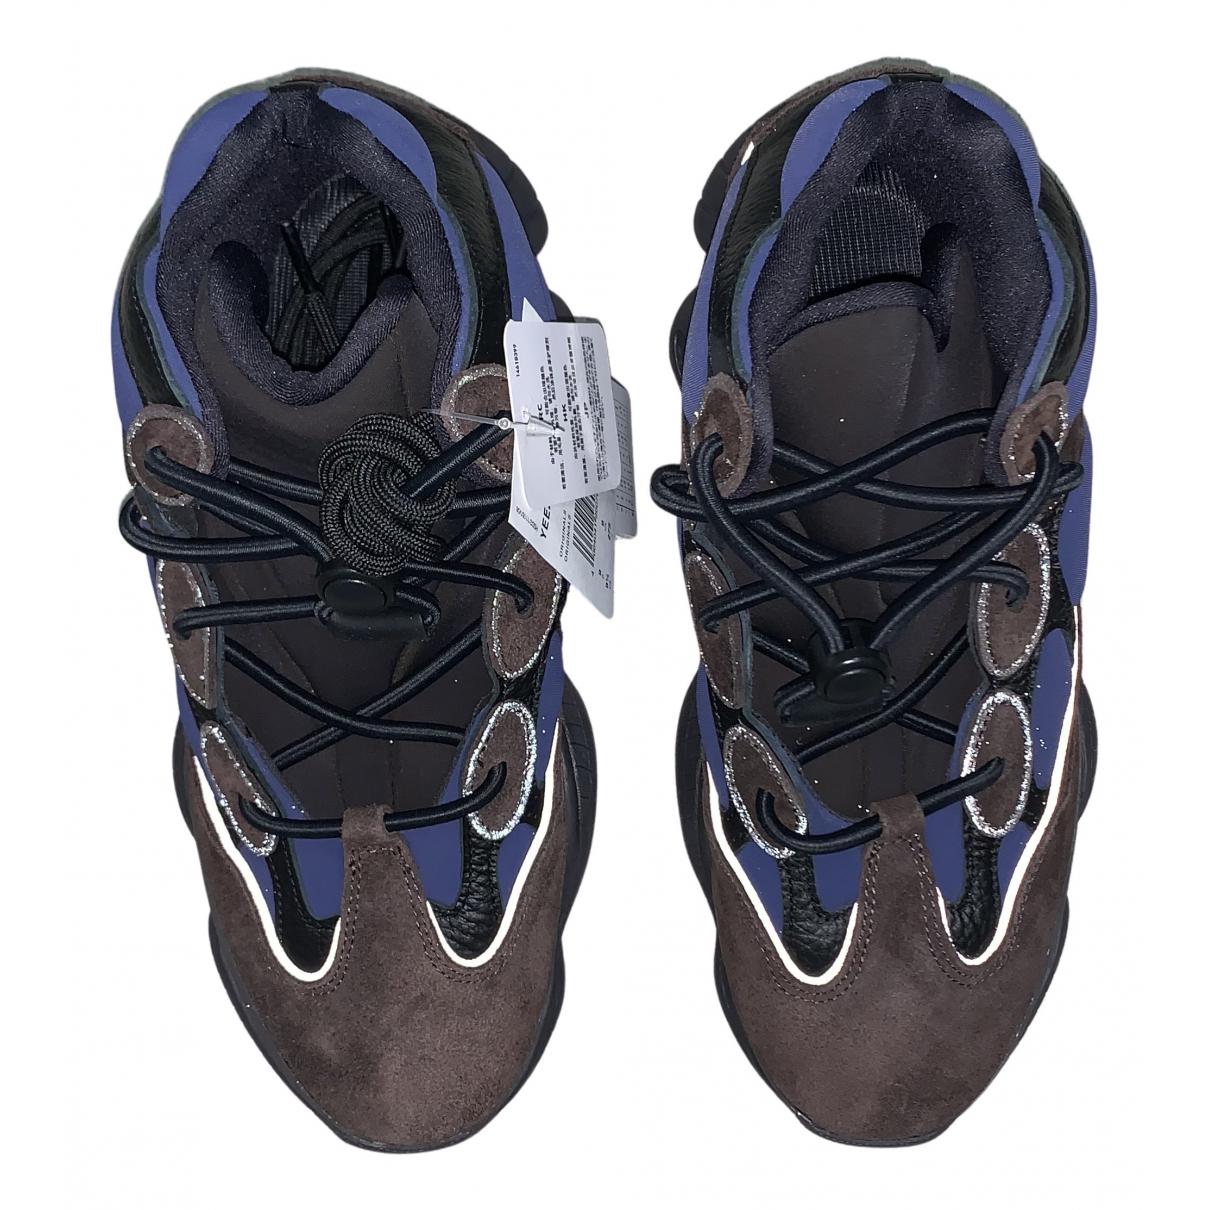 Yeezy X Adidas - Baskets 500 pour homme en cuir - marron